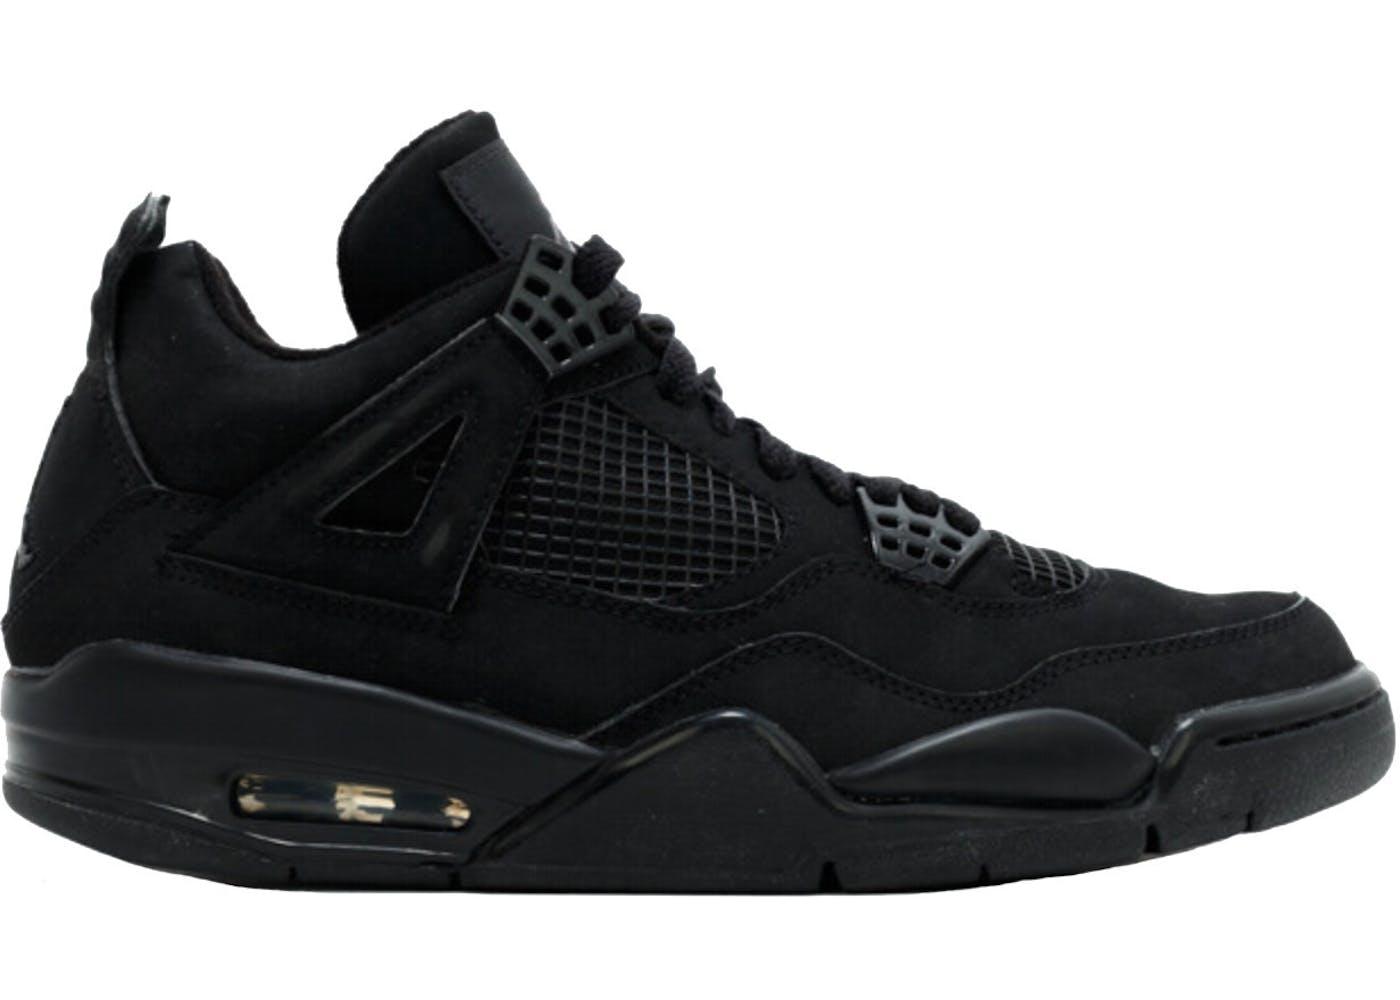 uk availability 2f837 51e9b ... Jordan 4 Retro Black Cats ...